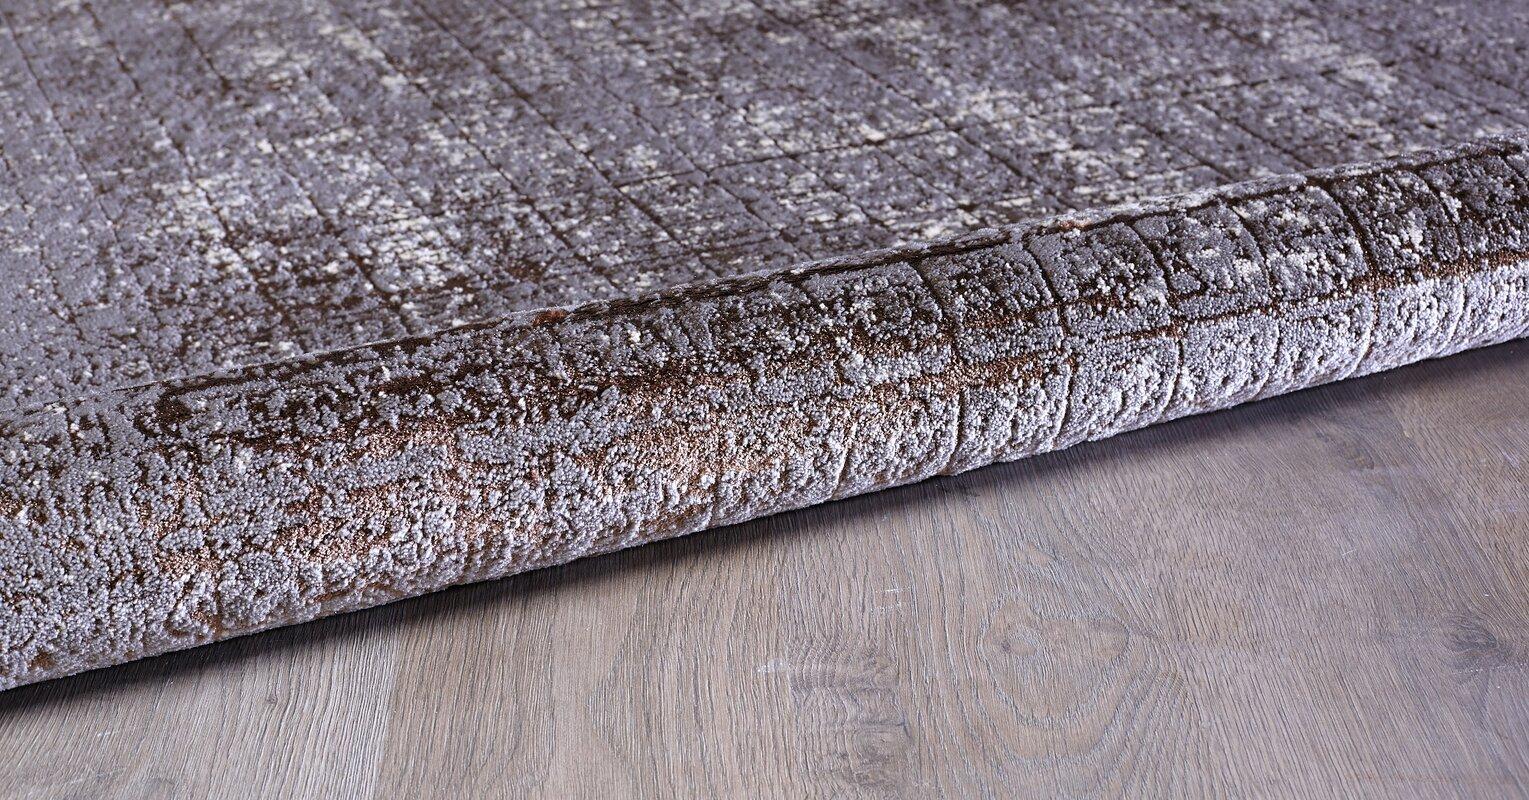 Gemütlich Teppiche Für Küchenböden Galerie - Küche Set Ideen ...